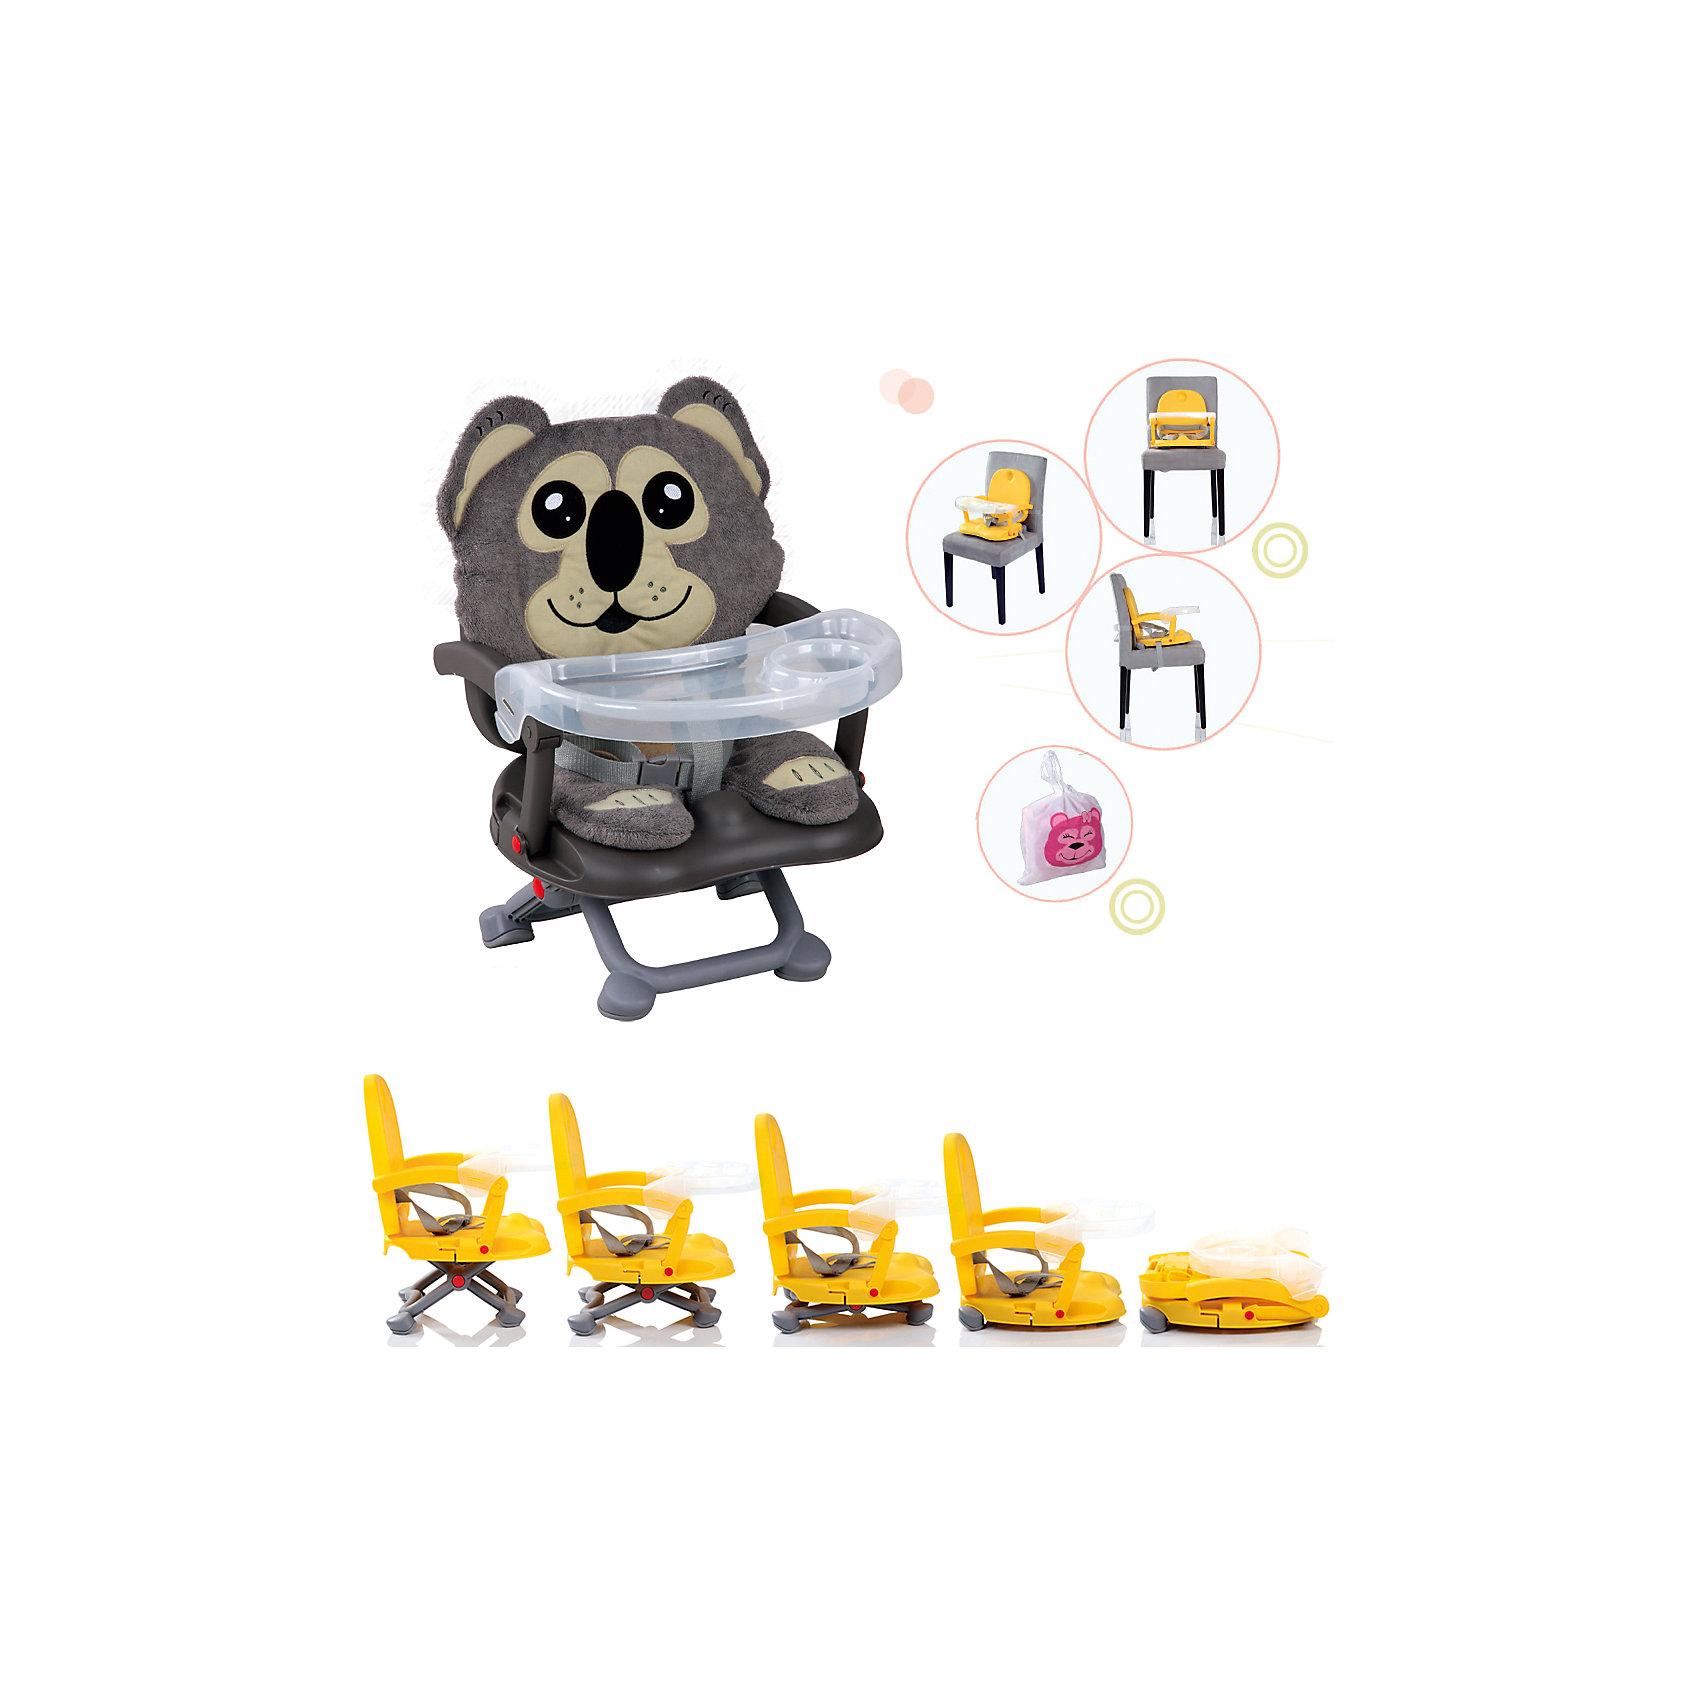 Babies Стульчик для кормления H-1, Babies, Koala майка для кормления купить в москве